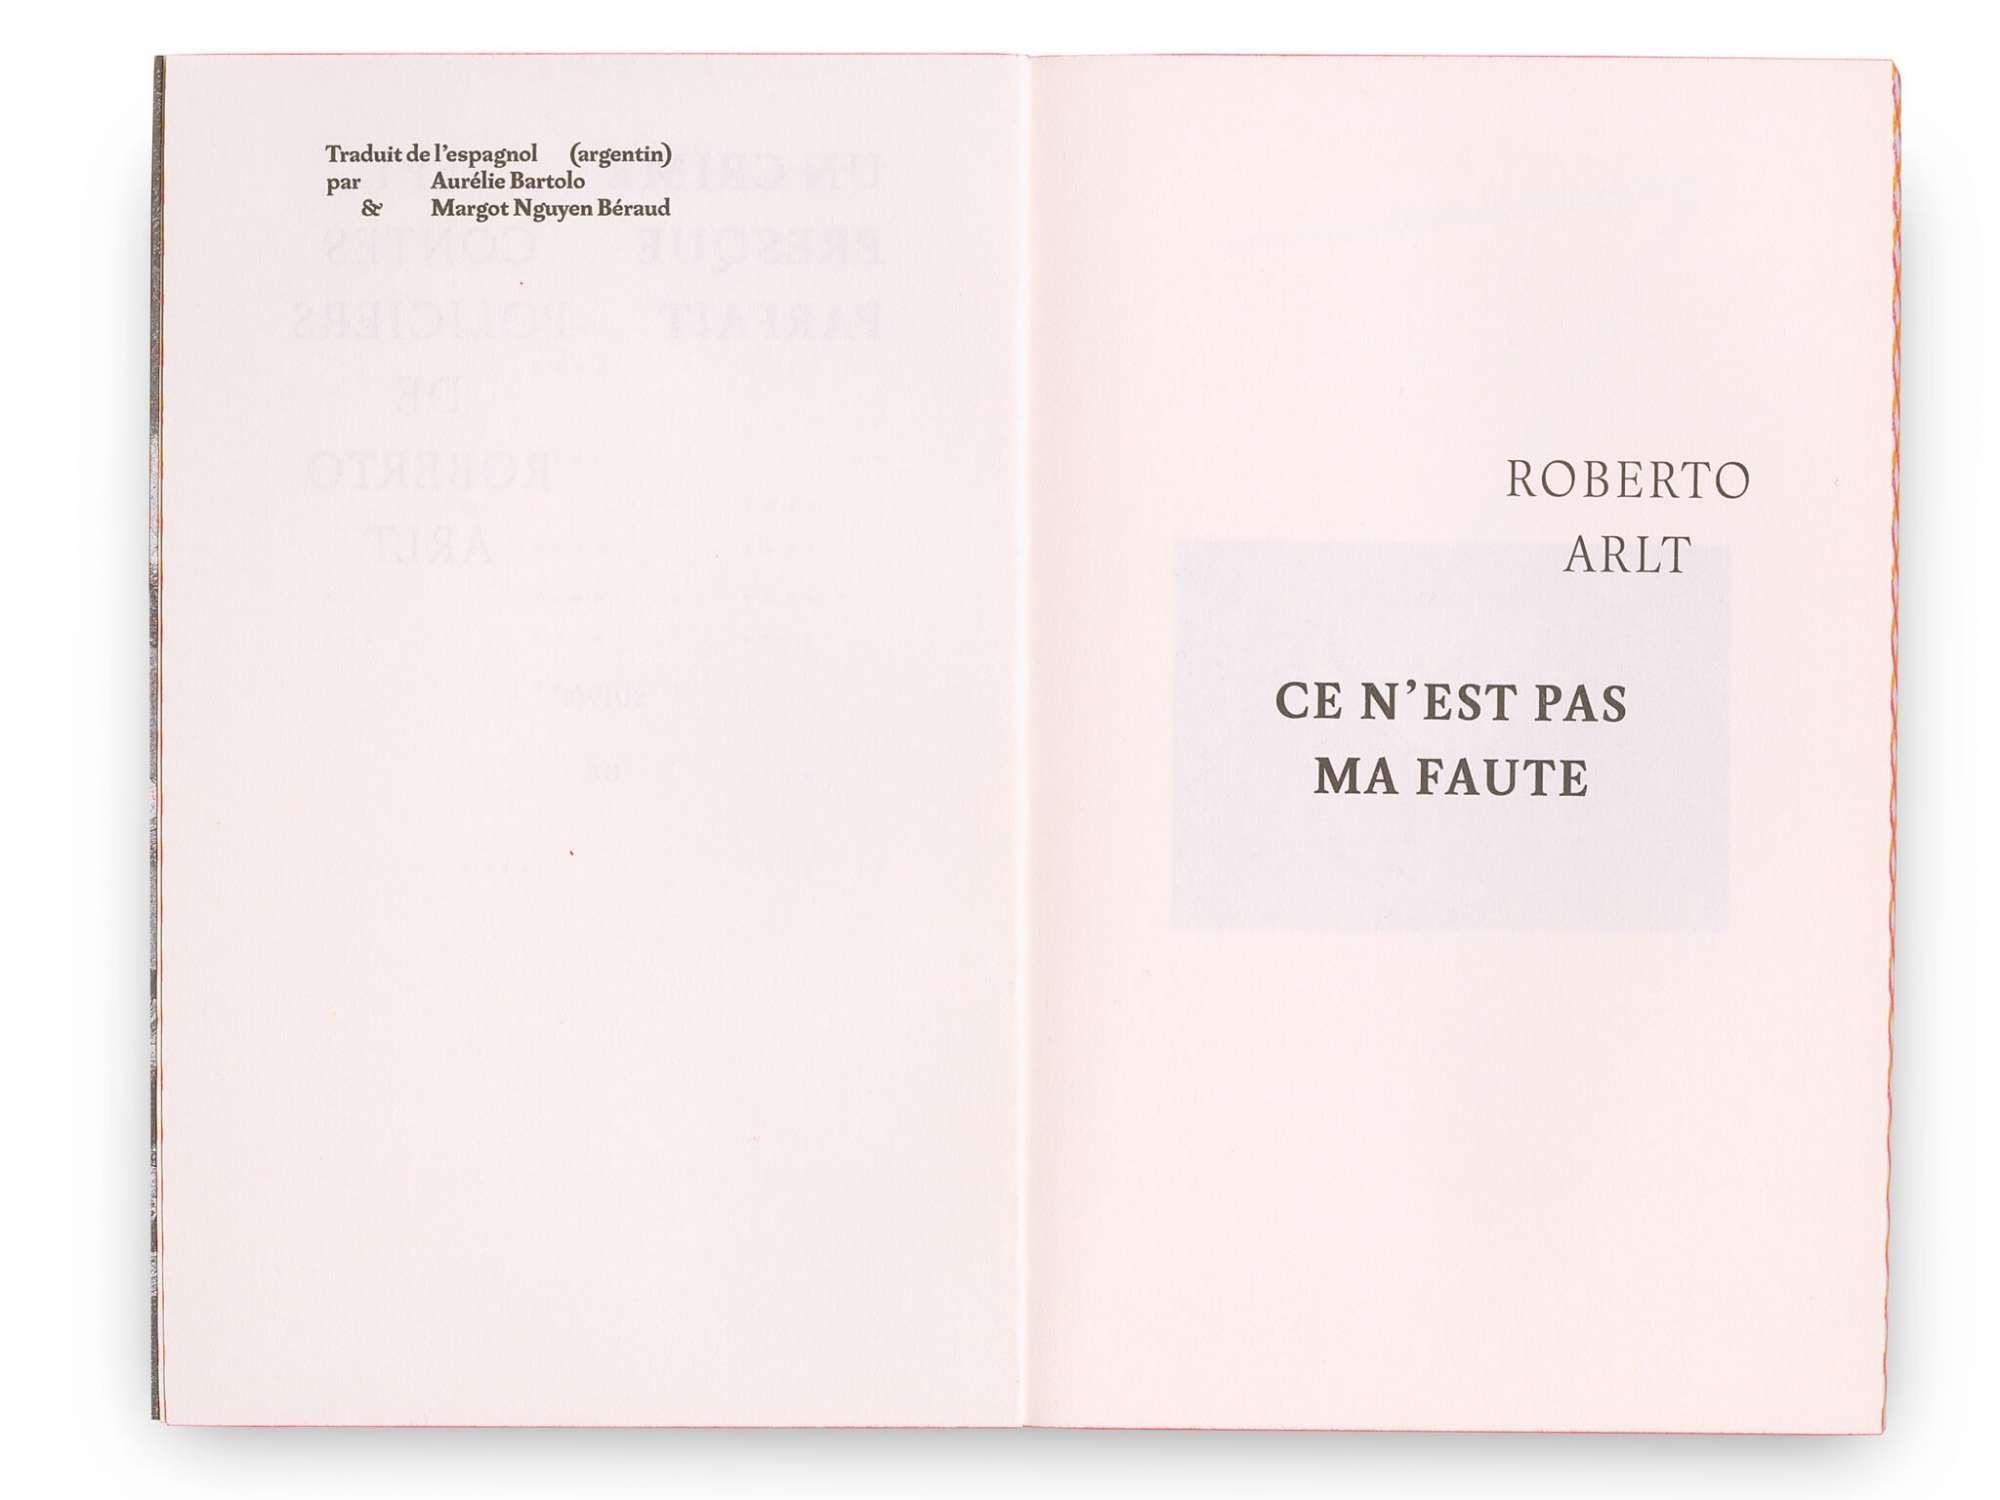 Roberto Arlt Un crime presque parfait Éditions cent pages Pages début  Ce n'est pas ma faute